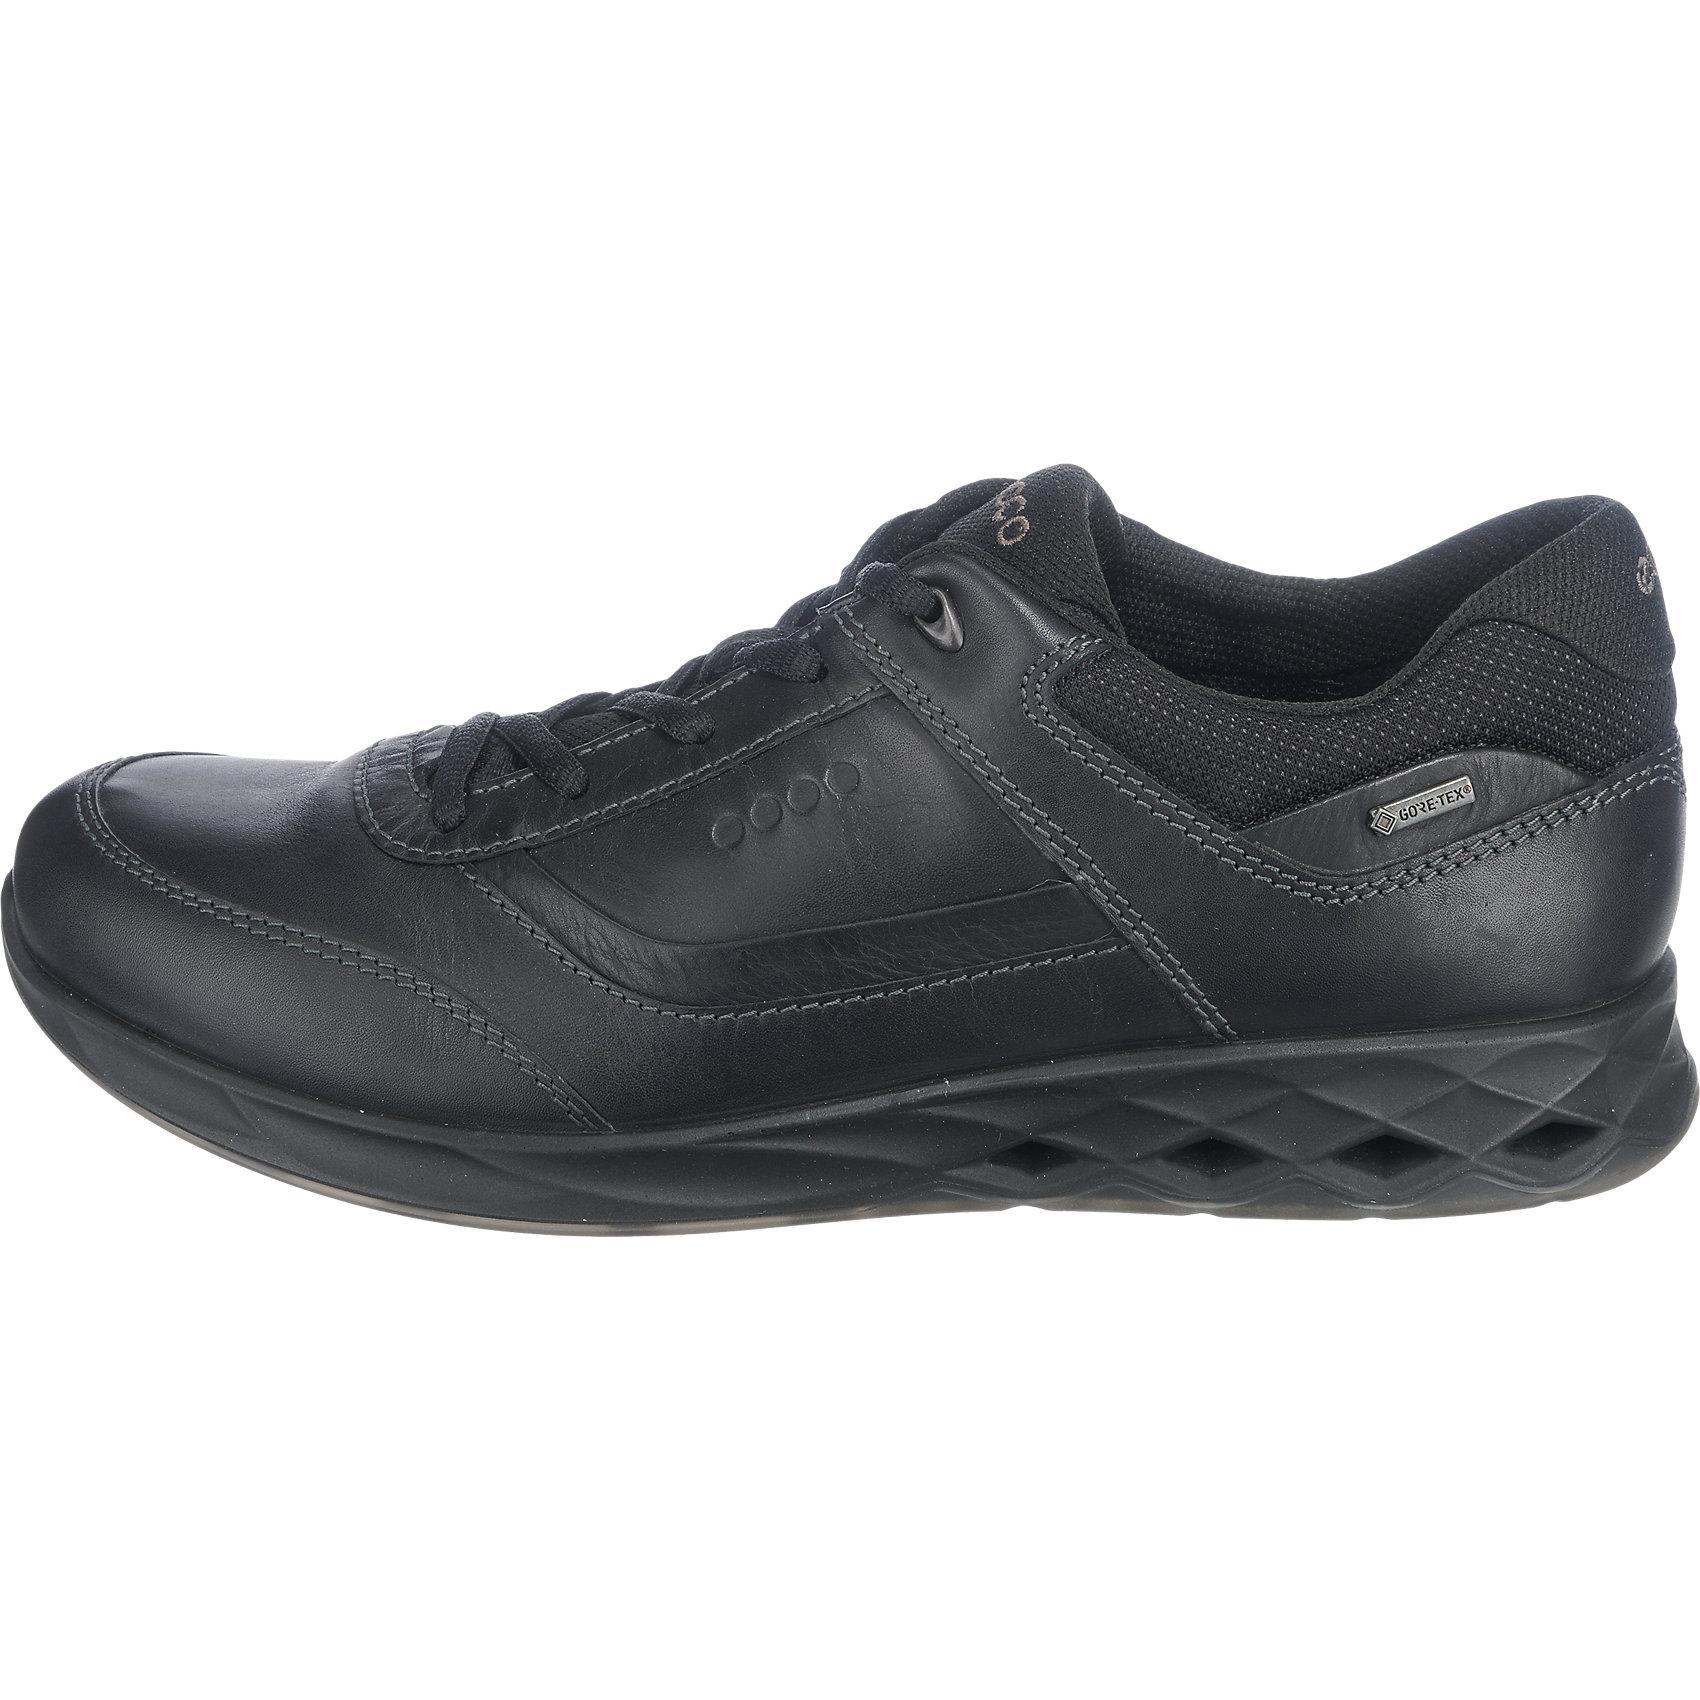 Schuhe Herren Details Schwarz Zu Für 5780251 Ecco Wayfly Neu Freizeit Yy7b6fg